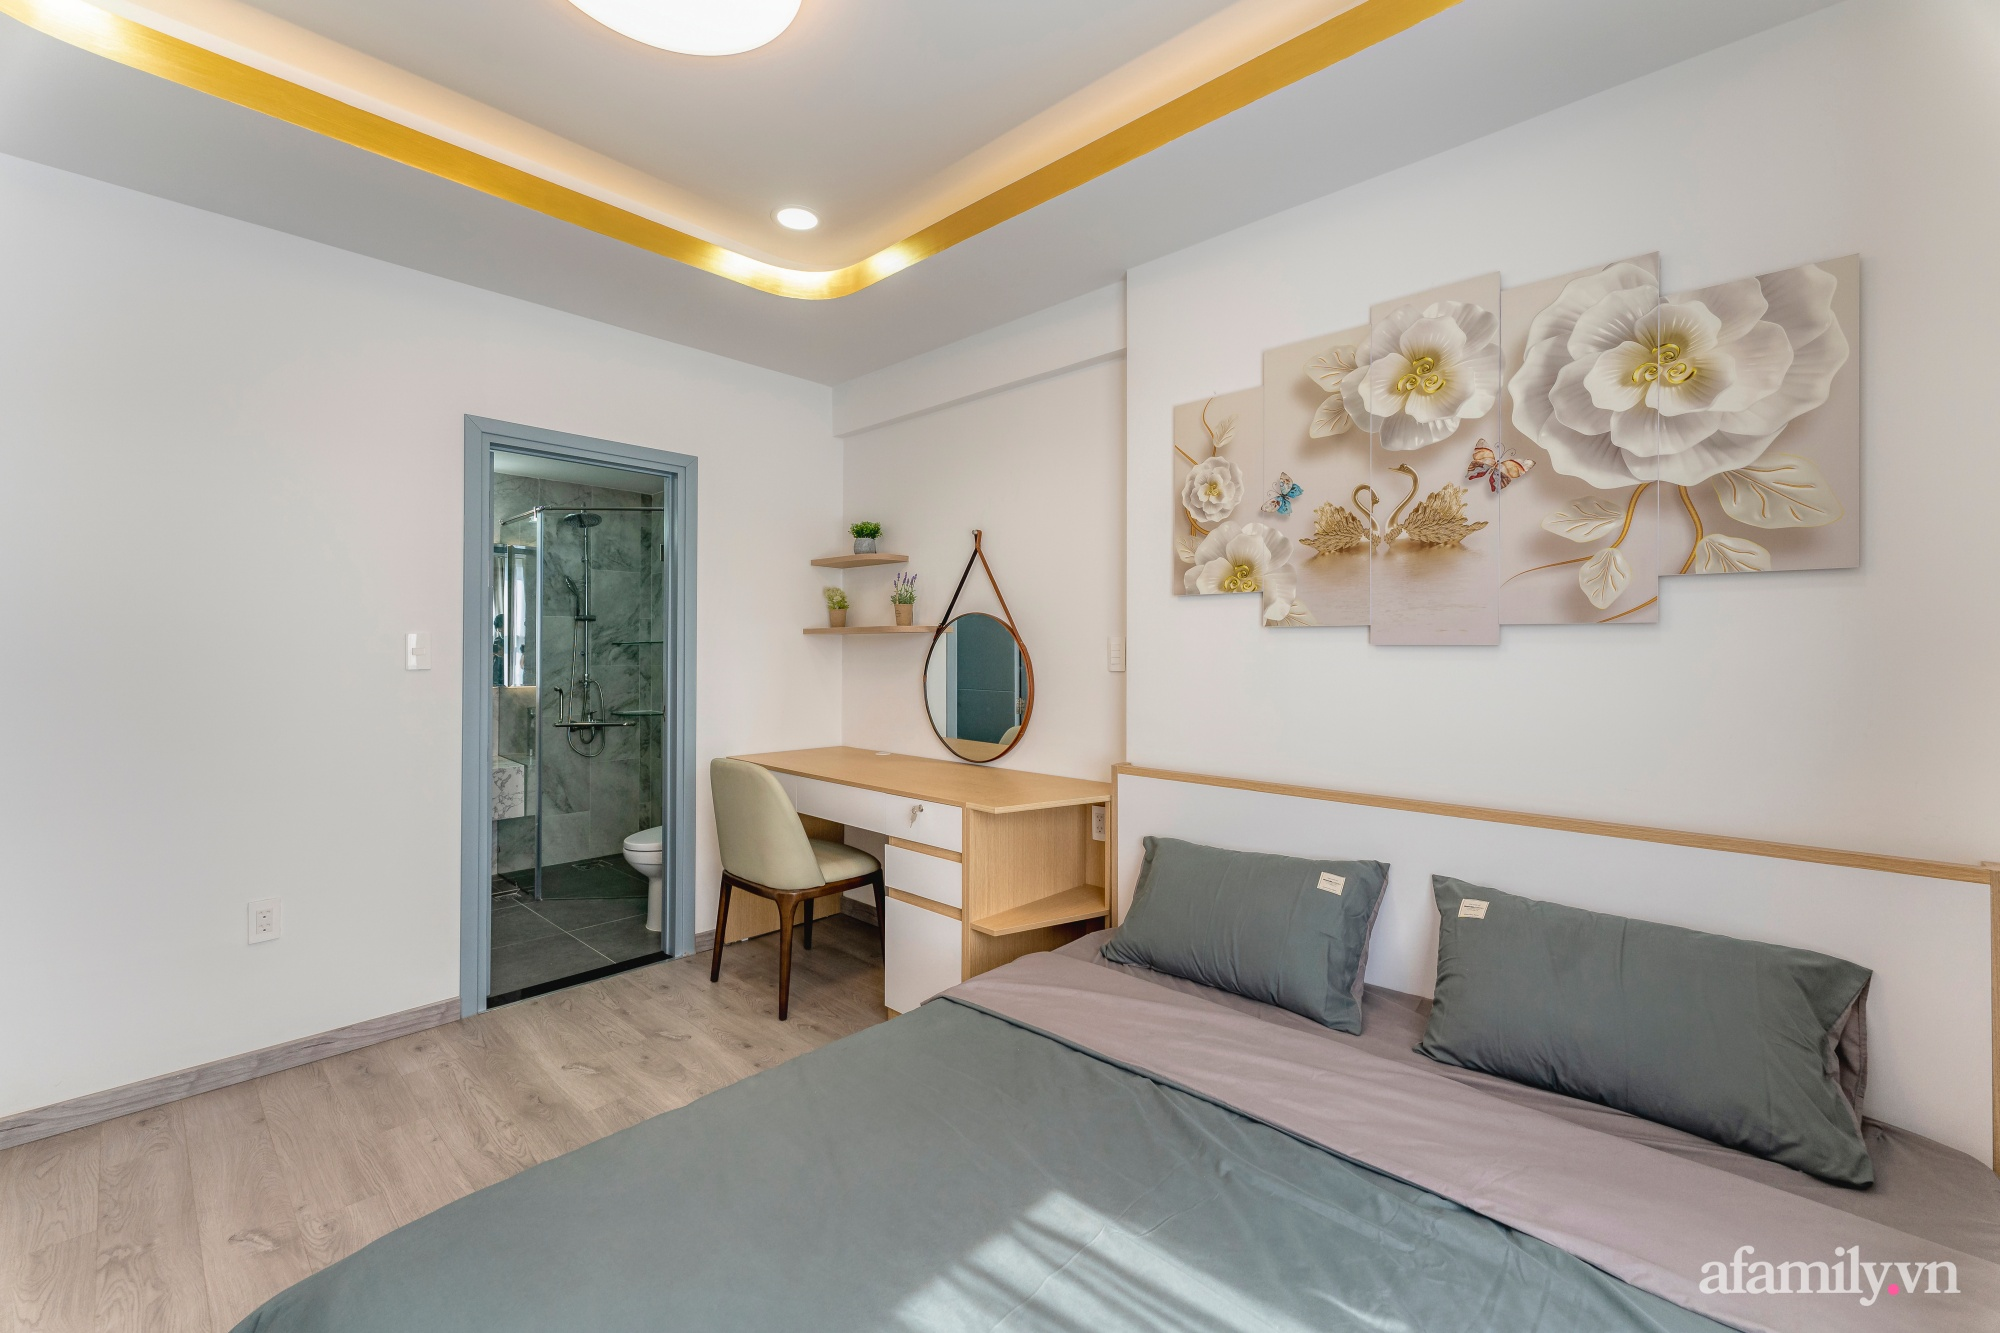 Căn hộ 70m² ghi điểm với không gian thoáng sáng cùng sắc màu gần gũi với thiên nhiên ở Sài Gòn - Ảnh 21.